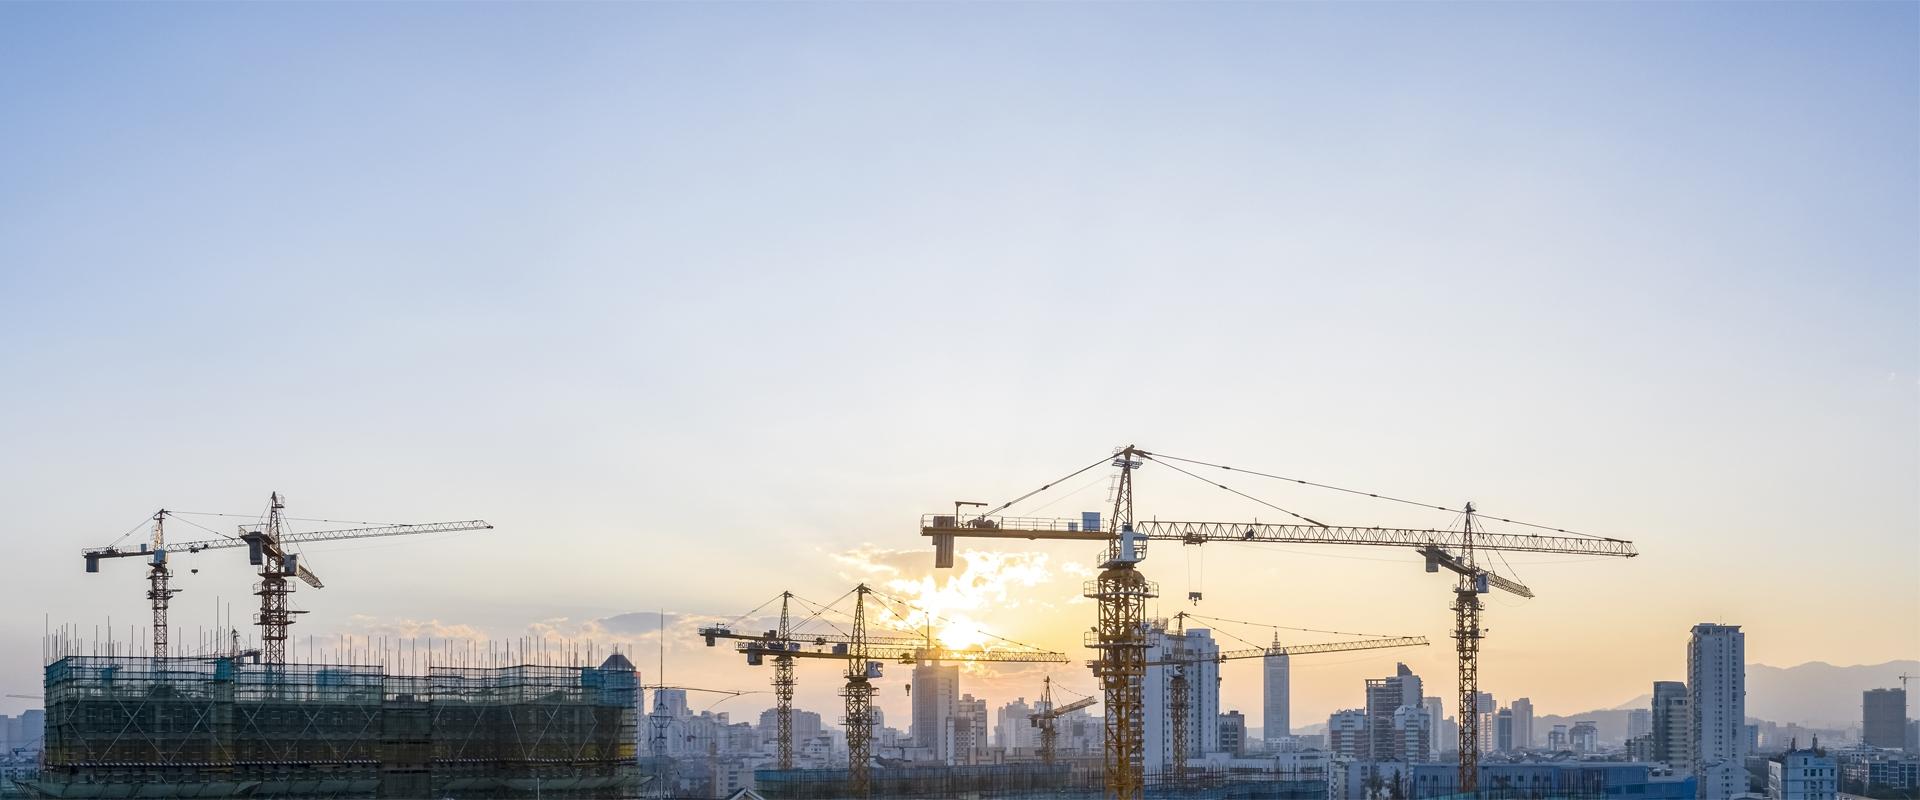 Renovation wave et Smart buildings